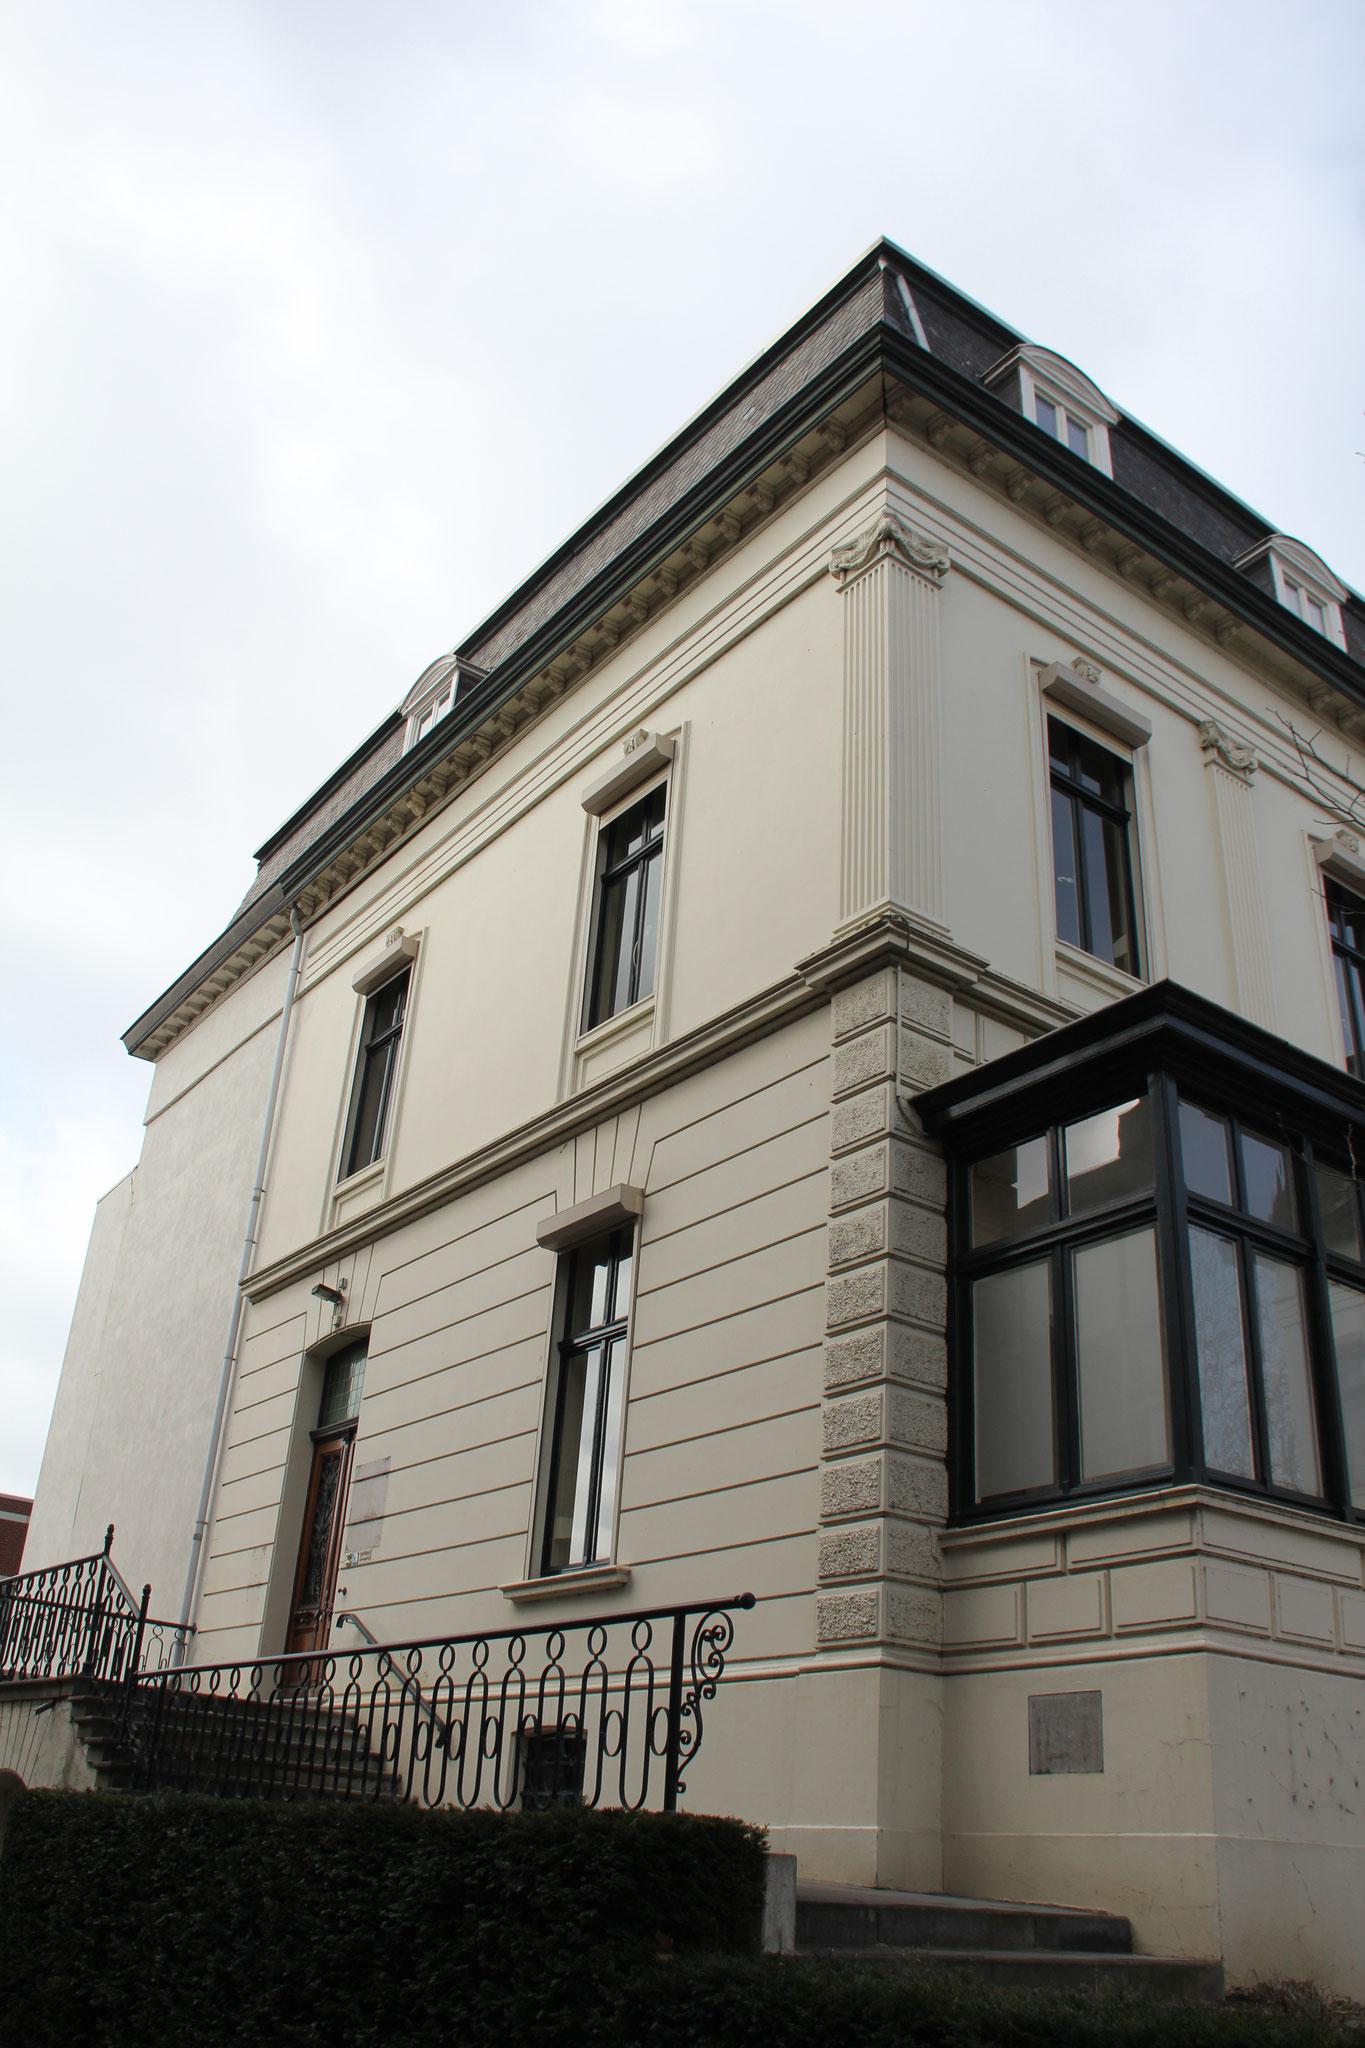 De oostzijde met de entree. Tegen de blinde muur links stond tot 2000 een in 1890 gebouwde vleugel